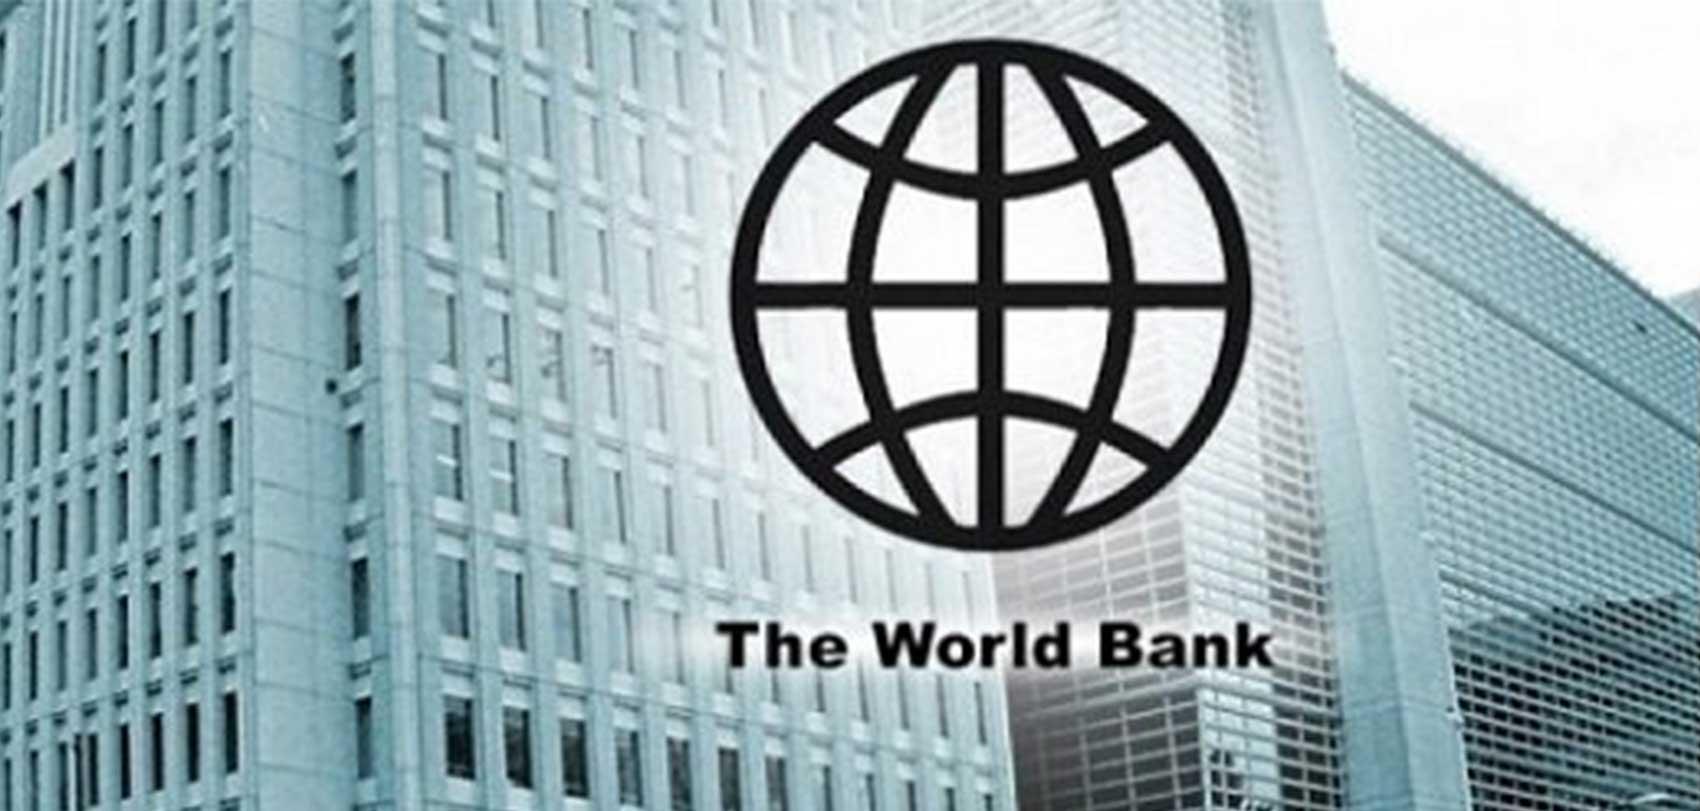 विश्व बैंकको डुइङ विजनेश रिपोर्ट' अब प्रकाशित नहुने